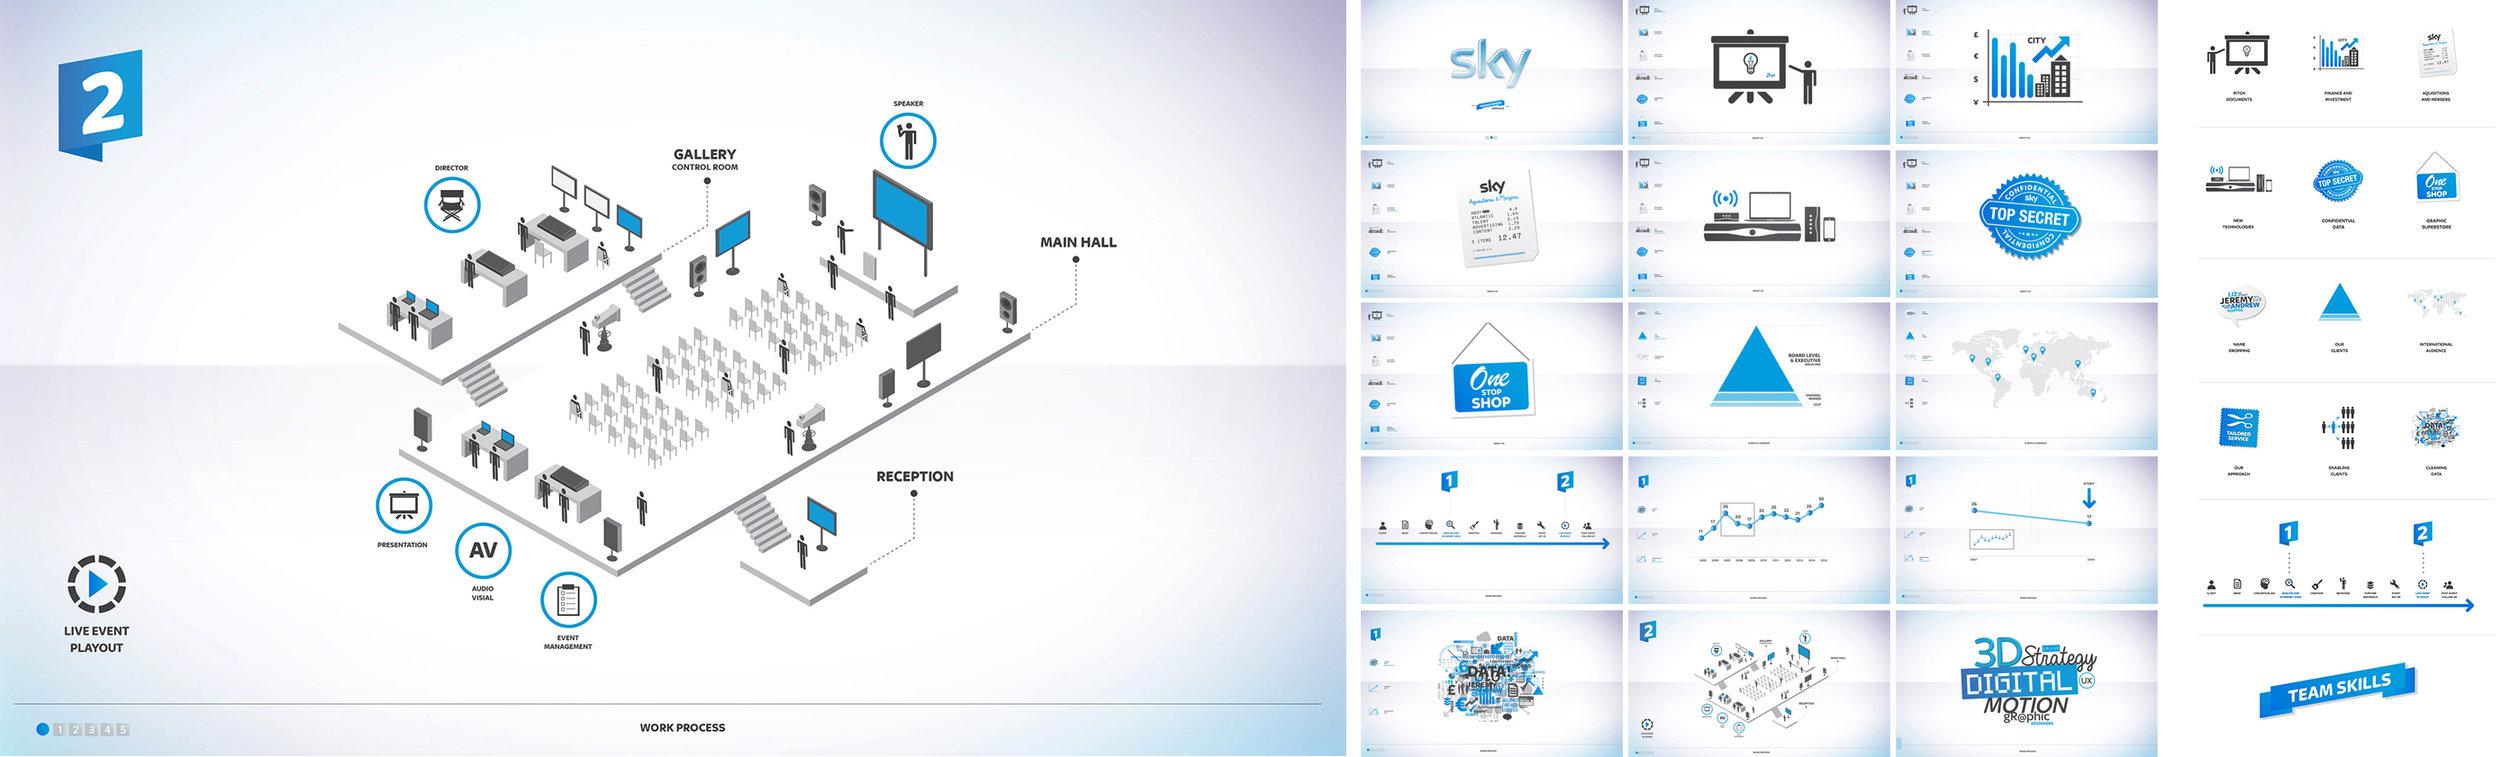 SKY+515+all-squarespace-SNUFFCREATIVE.jpg